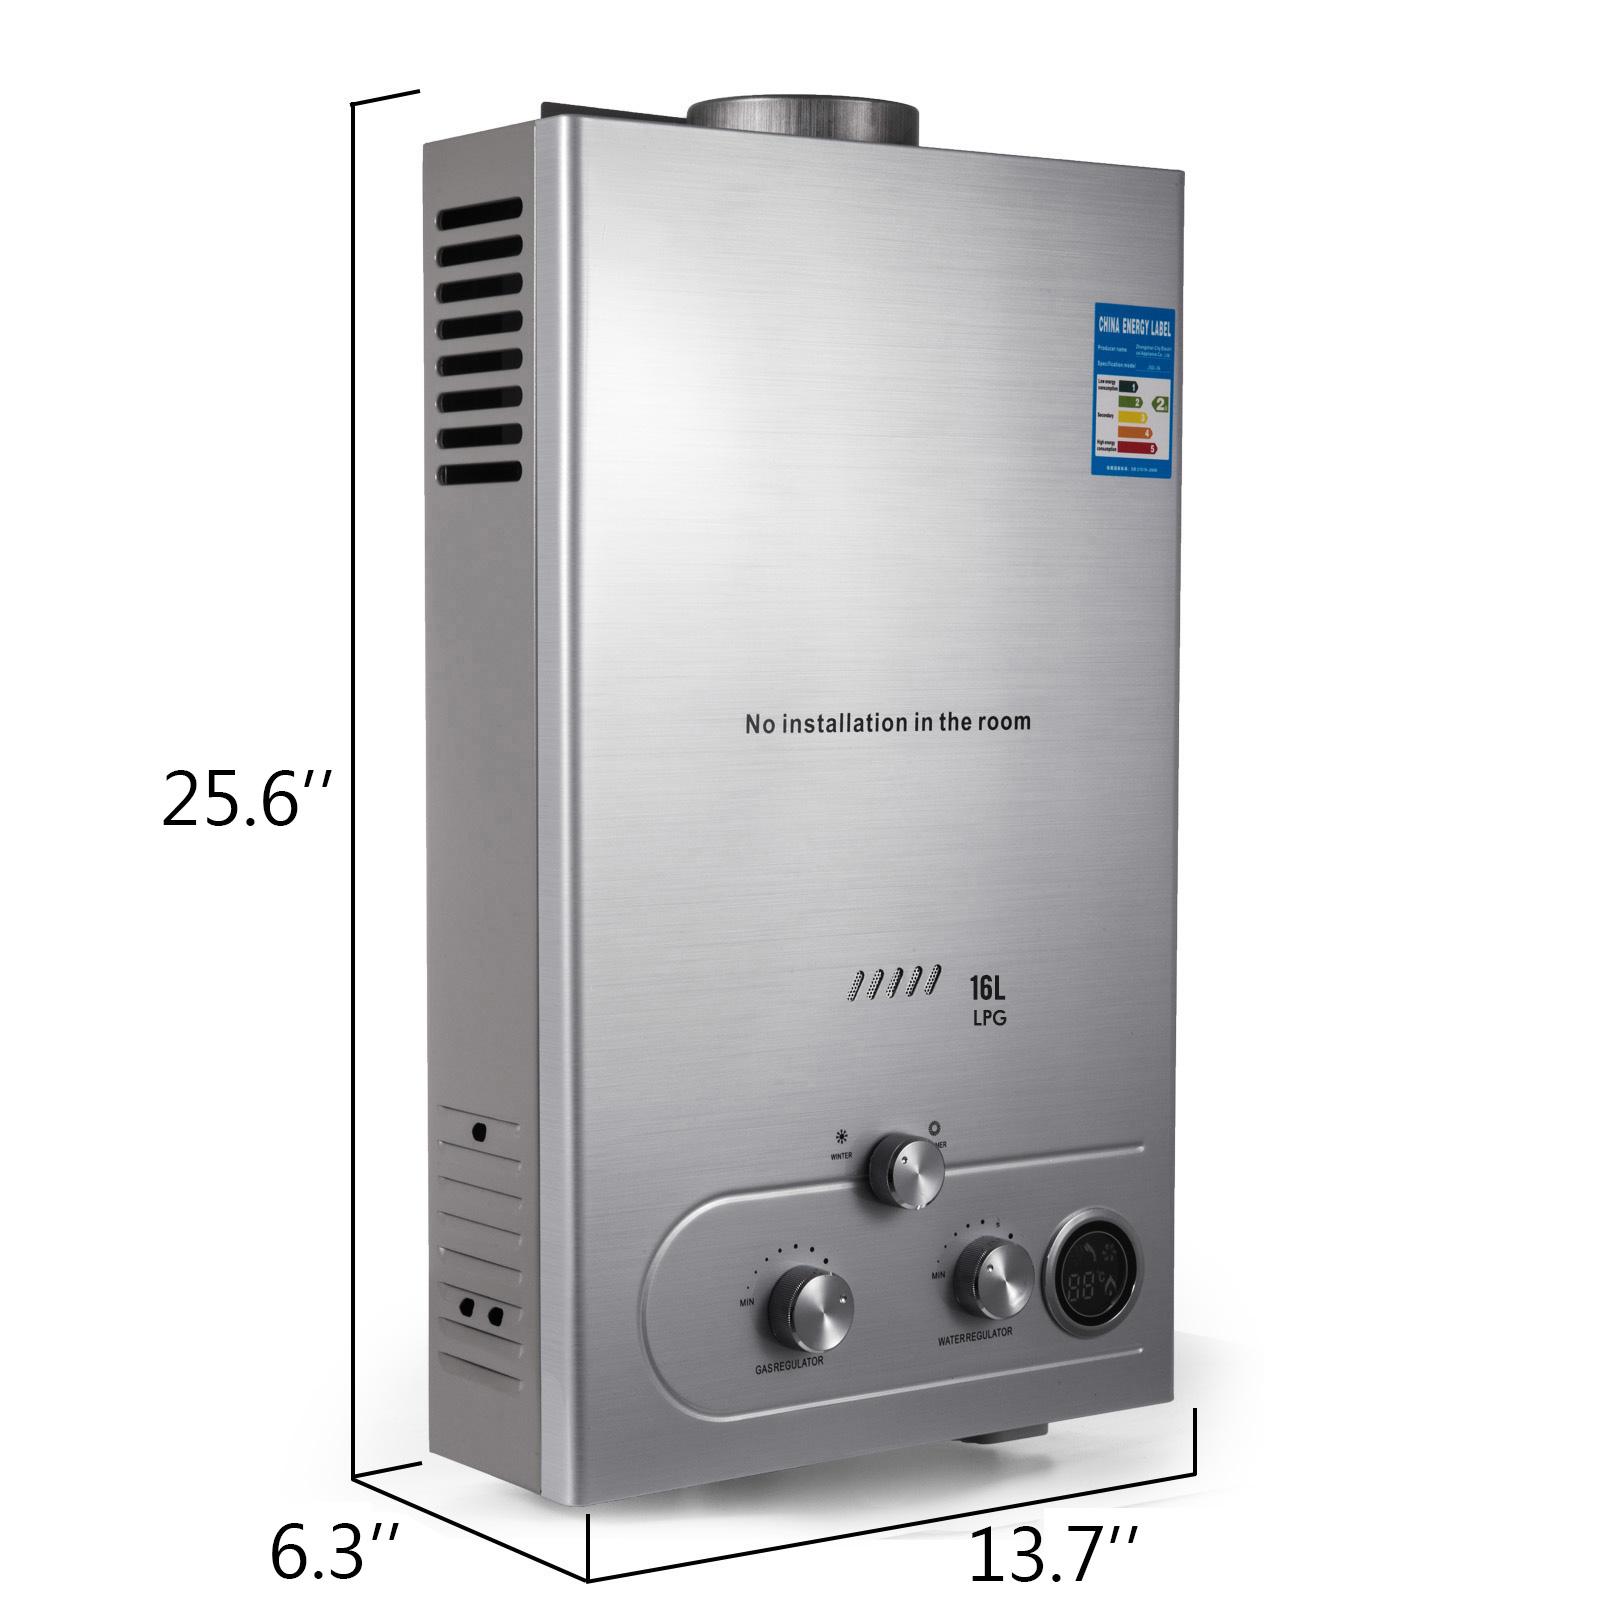 Propangas-Gas-Durchlauferhitzer-Warmwasserbereiter-Boiler-Warmwasserspeicher Indexbild 74